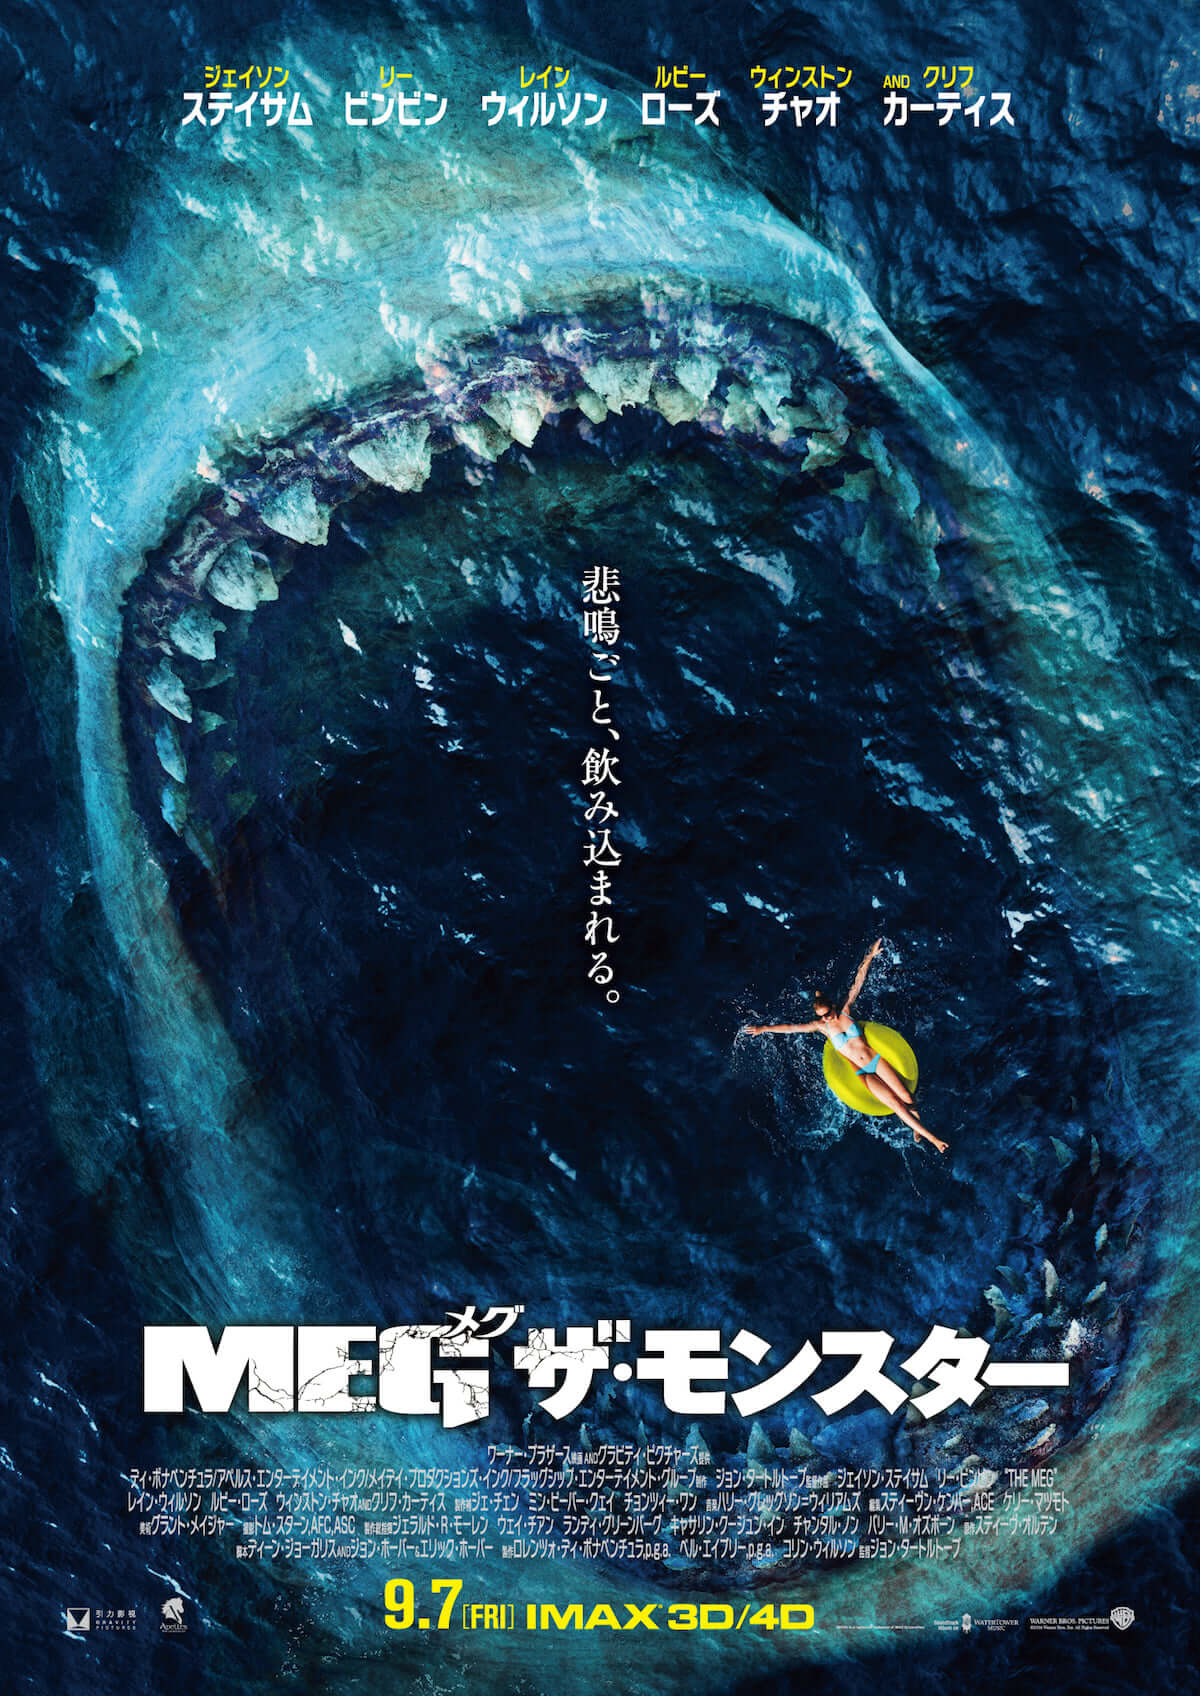 ジェイソン・ステイサムが超巨大ザメと戦う映画「MEG ザ・モンスター」が9月7日(金)より公開 film180829-megthemonster--1200x1696